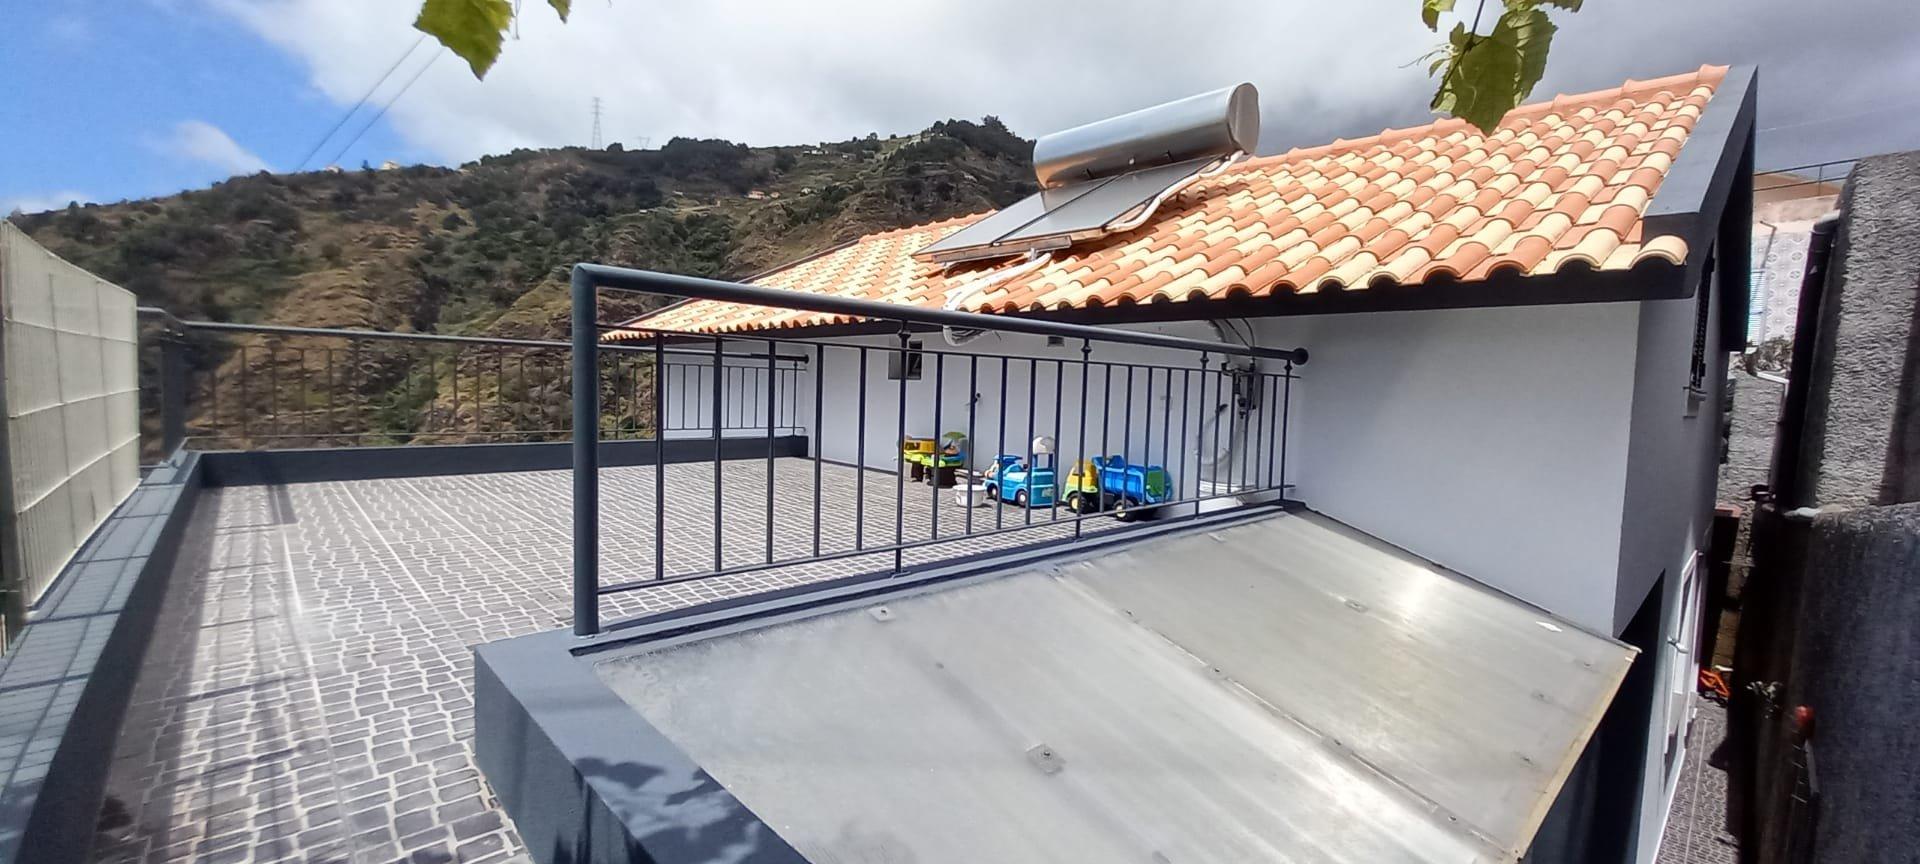 Casa T3 de 120 m2 com Jardim e Linda Vista Localizado nas Alturas de Ribeira Brava